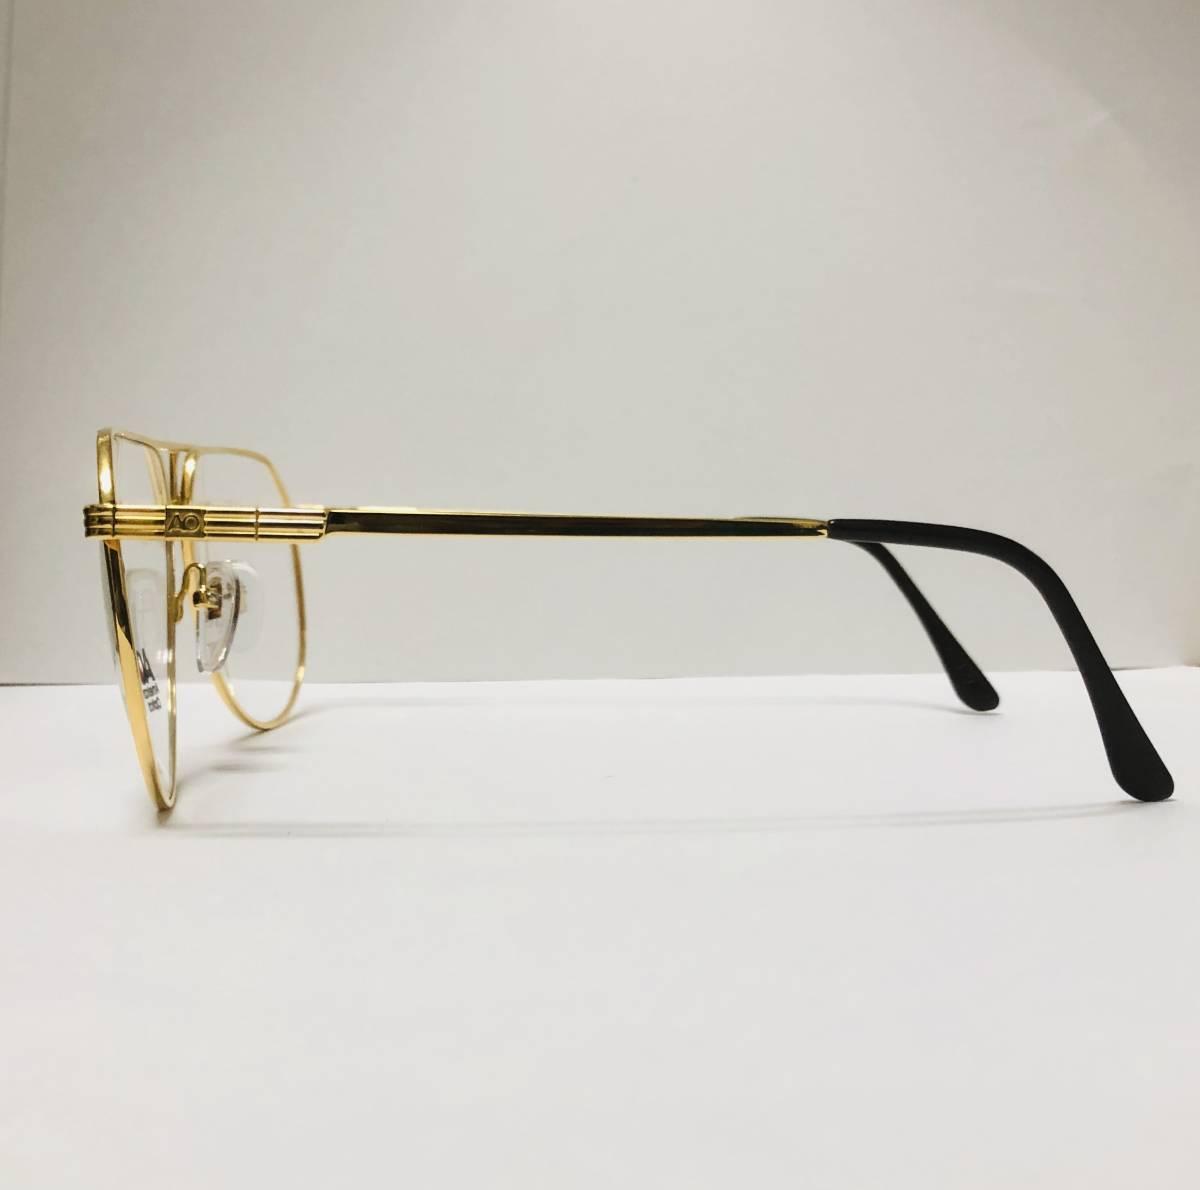 新品箱付】20K金 アメリカンオプティカル 1980年代 AO American Optical Ful-Vue 米国メガネ (参考: Rodenstock好きにオススメ_画像4